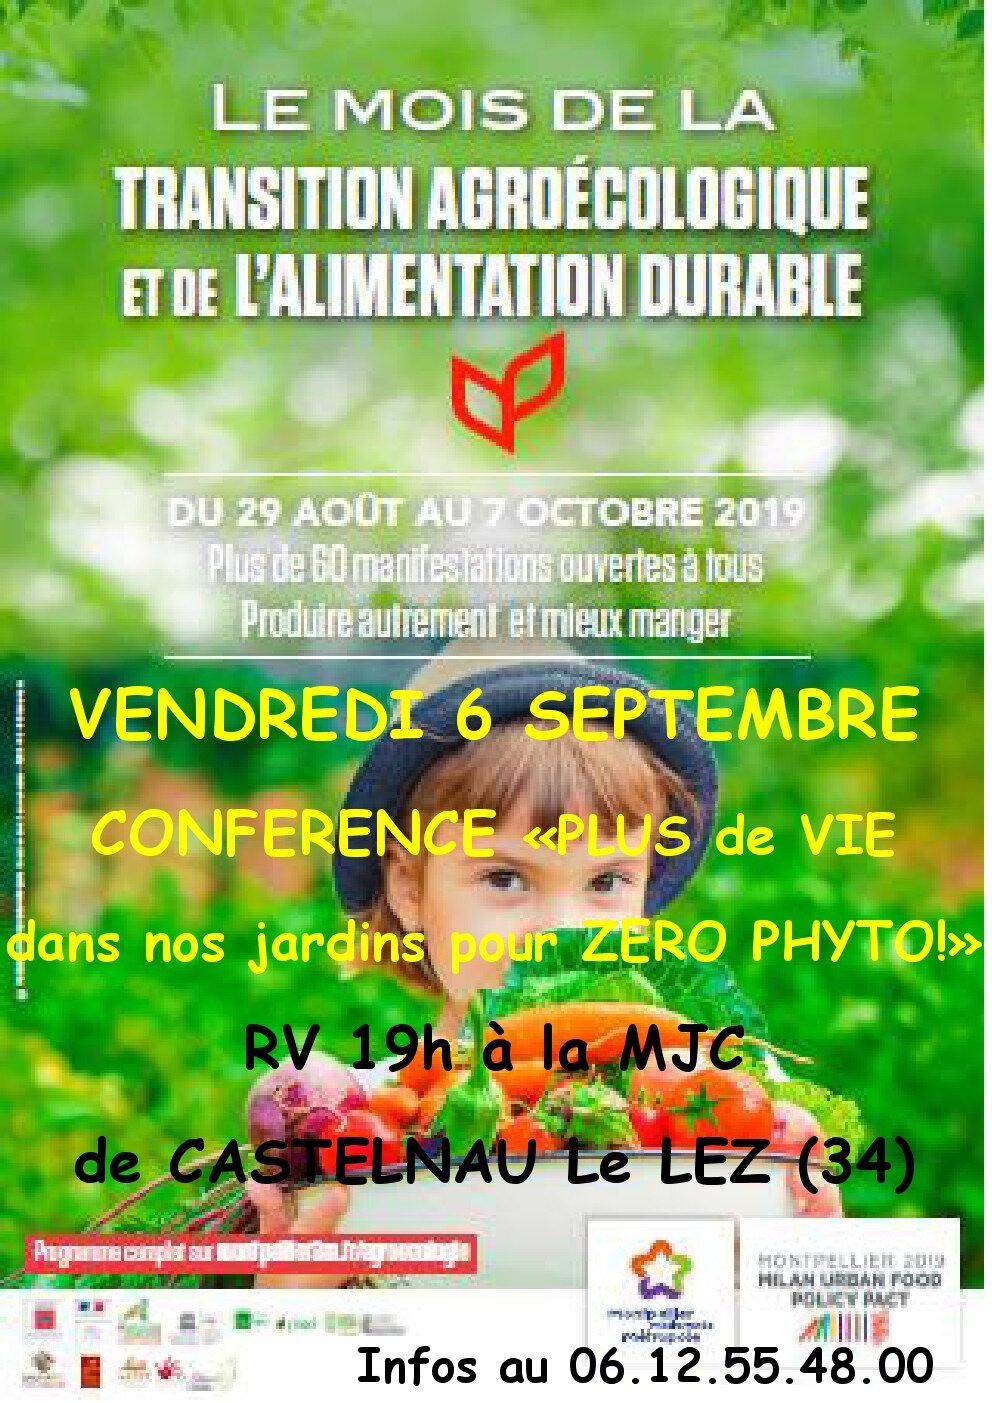 Retrouvez Les Jardins De Tara vendredi 6 en conférence et samedi 21 septembre pour une journée sur le jardinage naturel !